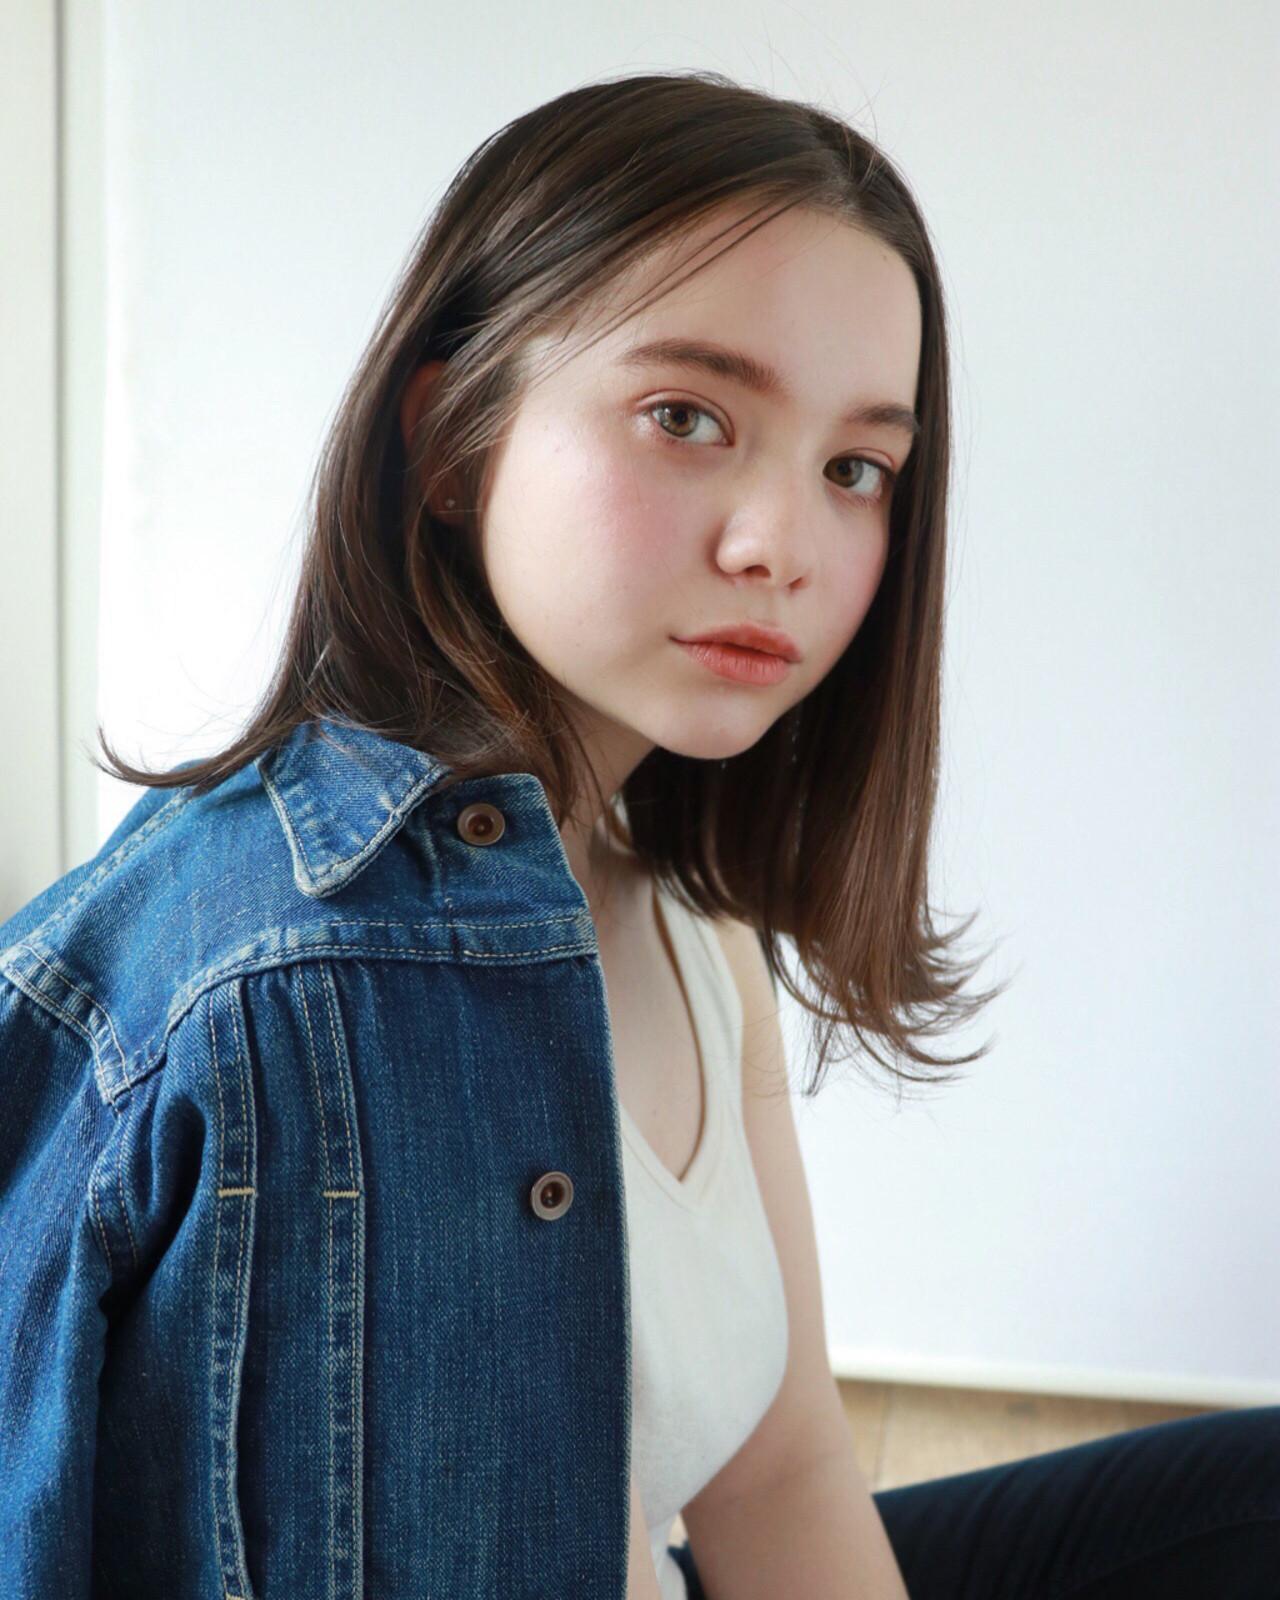 ワンランク上の髪型へシフト♡30代の女性に人気の髪型カタログ♪の16枚目の画像